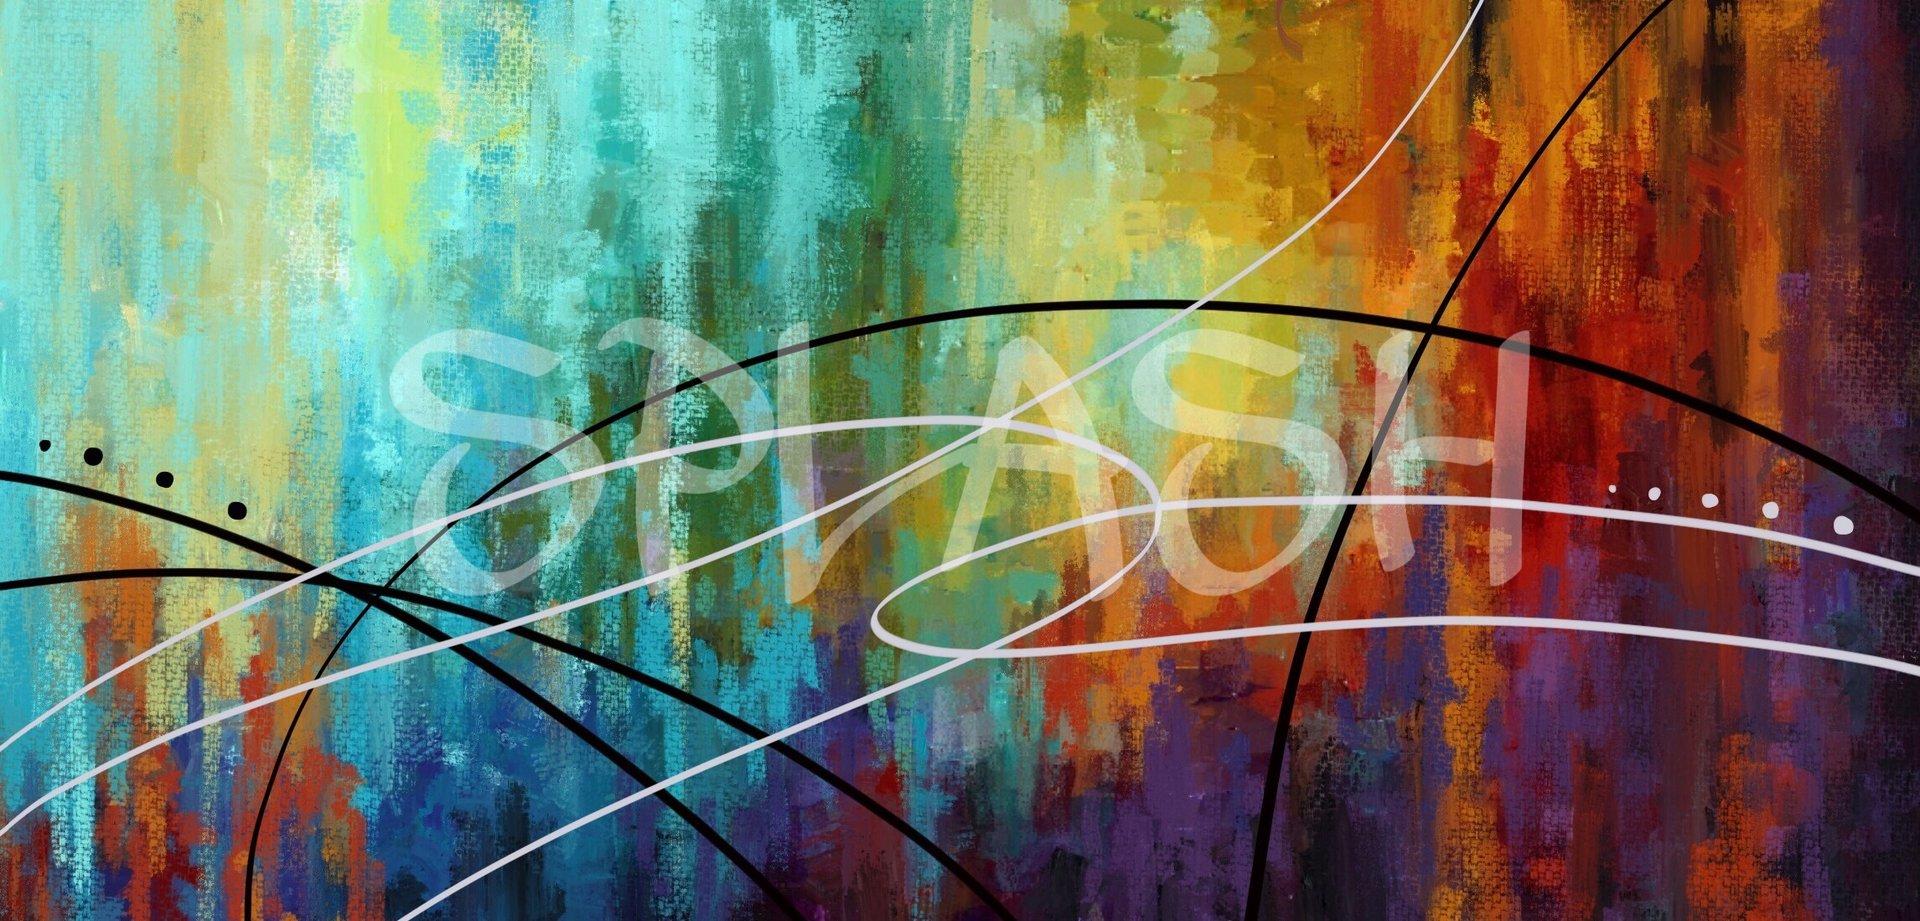 Cuadros abstractos cuadro multicolor moderno cuadros splash - Fotos cuadros abstractos ...